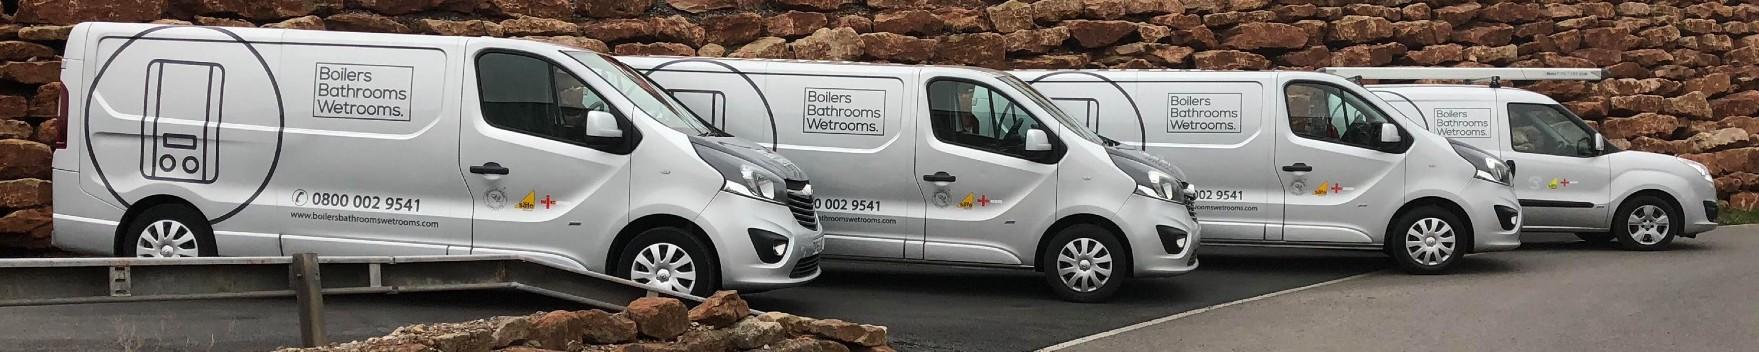 Boilers Bathrooms Wetrooms Bristol - Our Vans